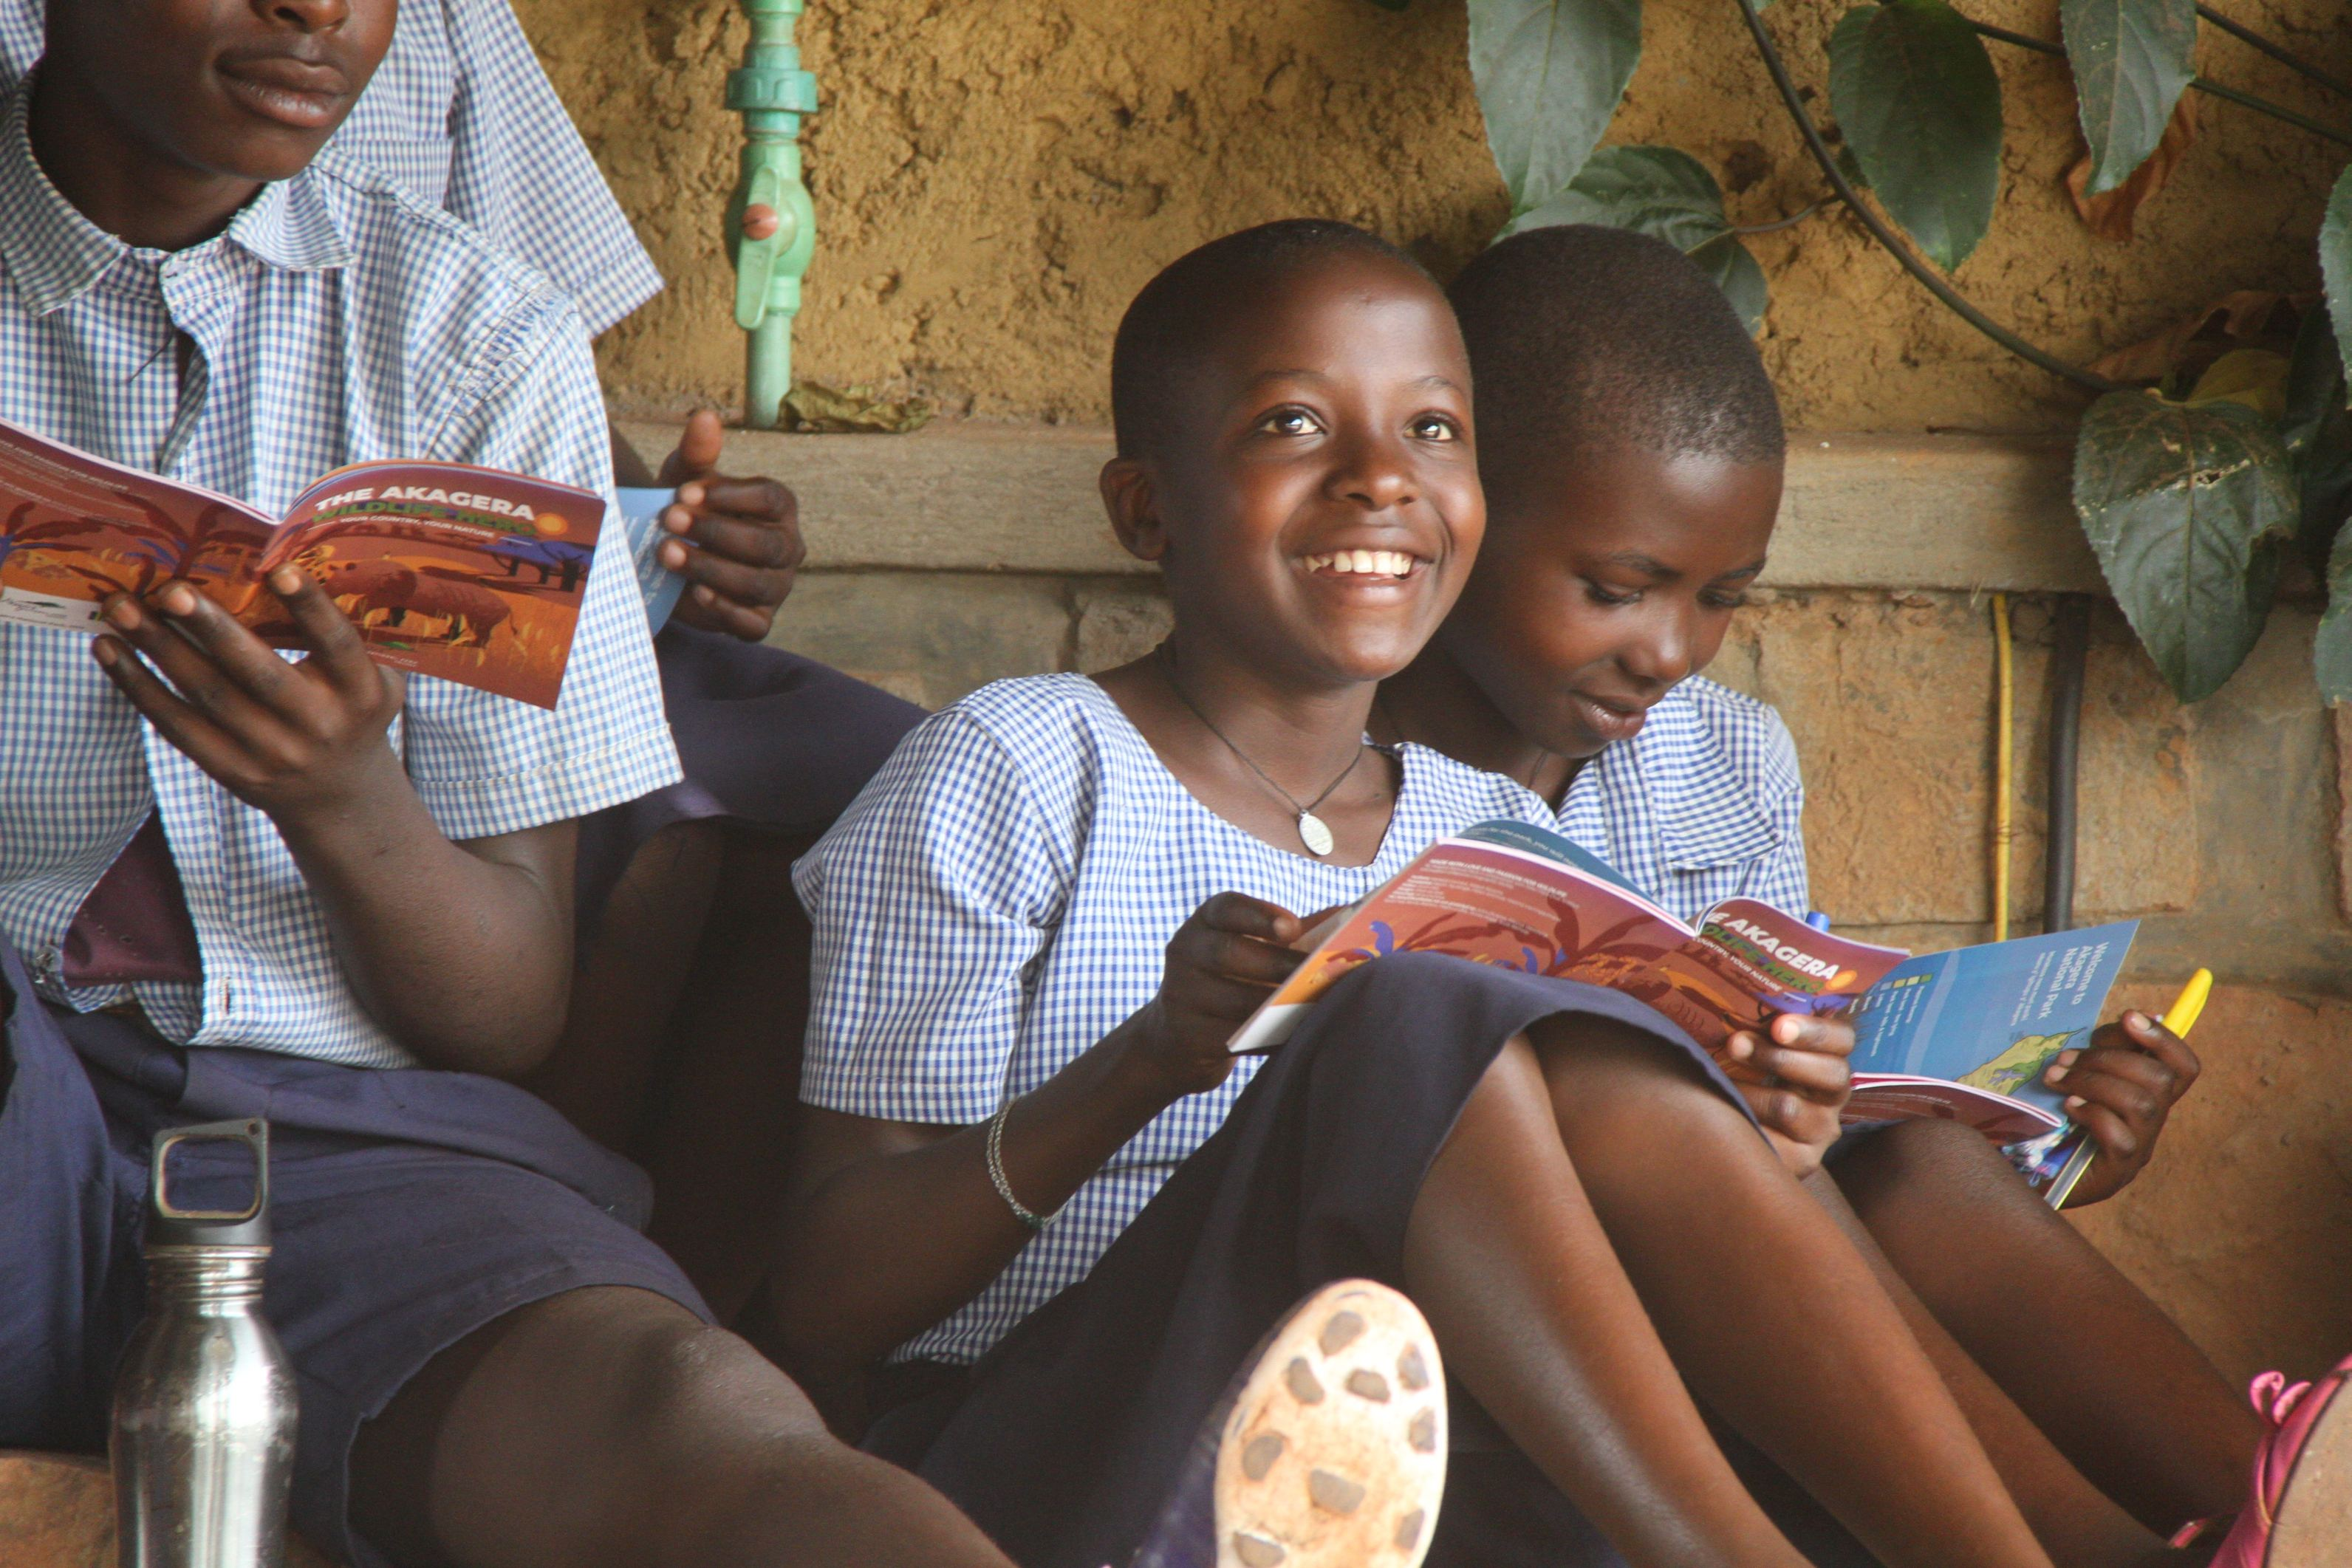 Environmentální vzdělávací centrum pro děti ve Rwandě